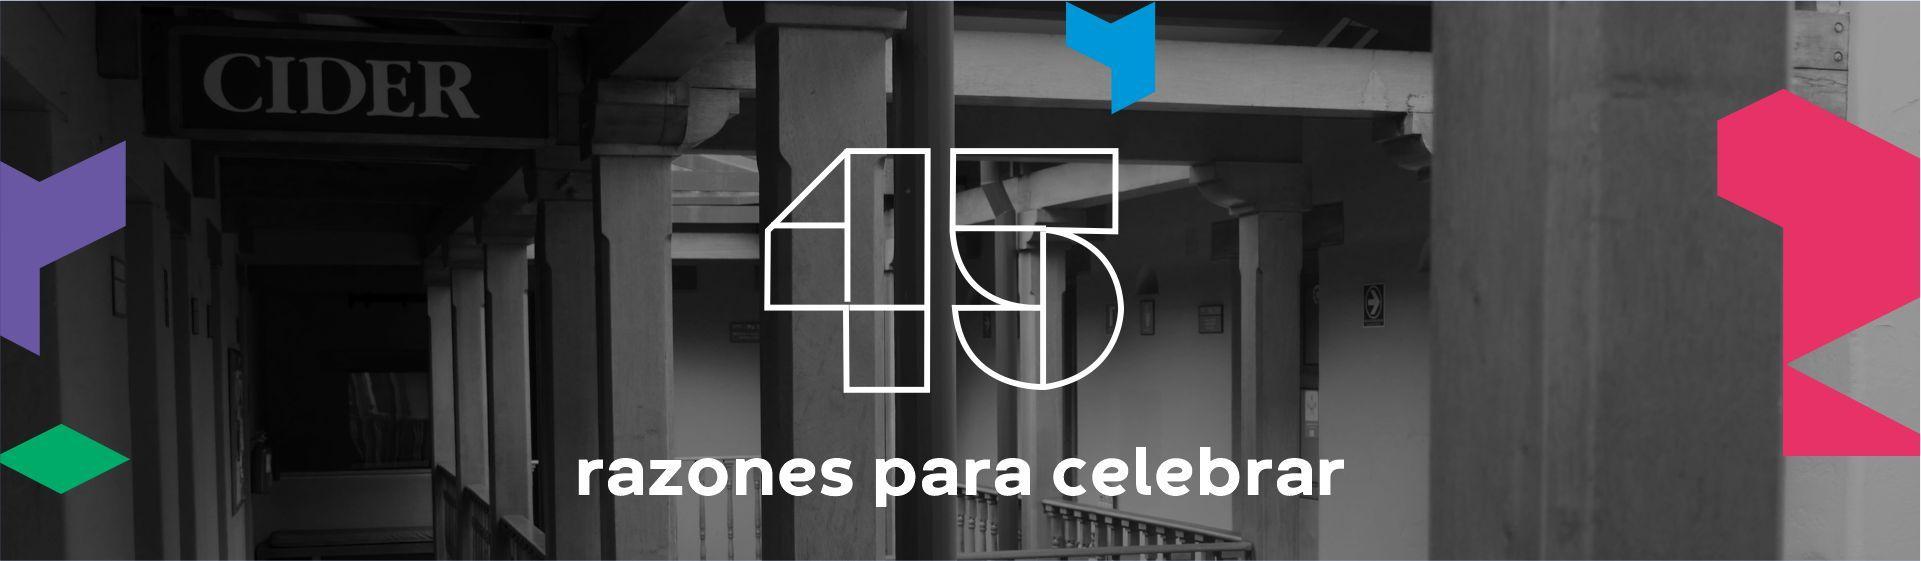 45 razones para celebrar - Cider | Uniandes